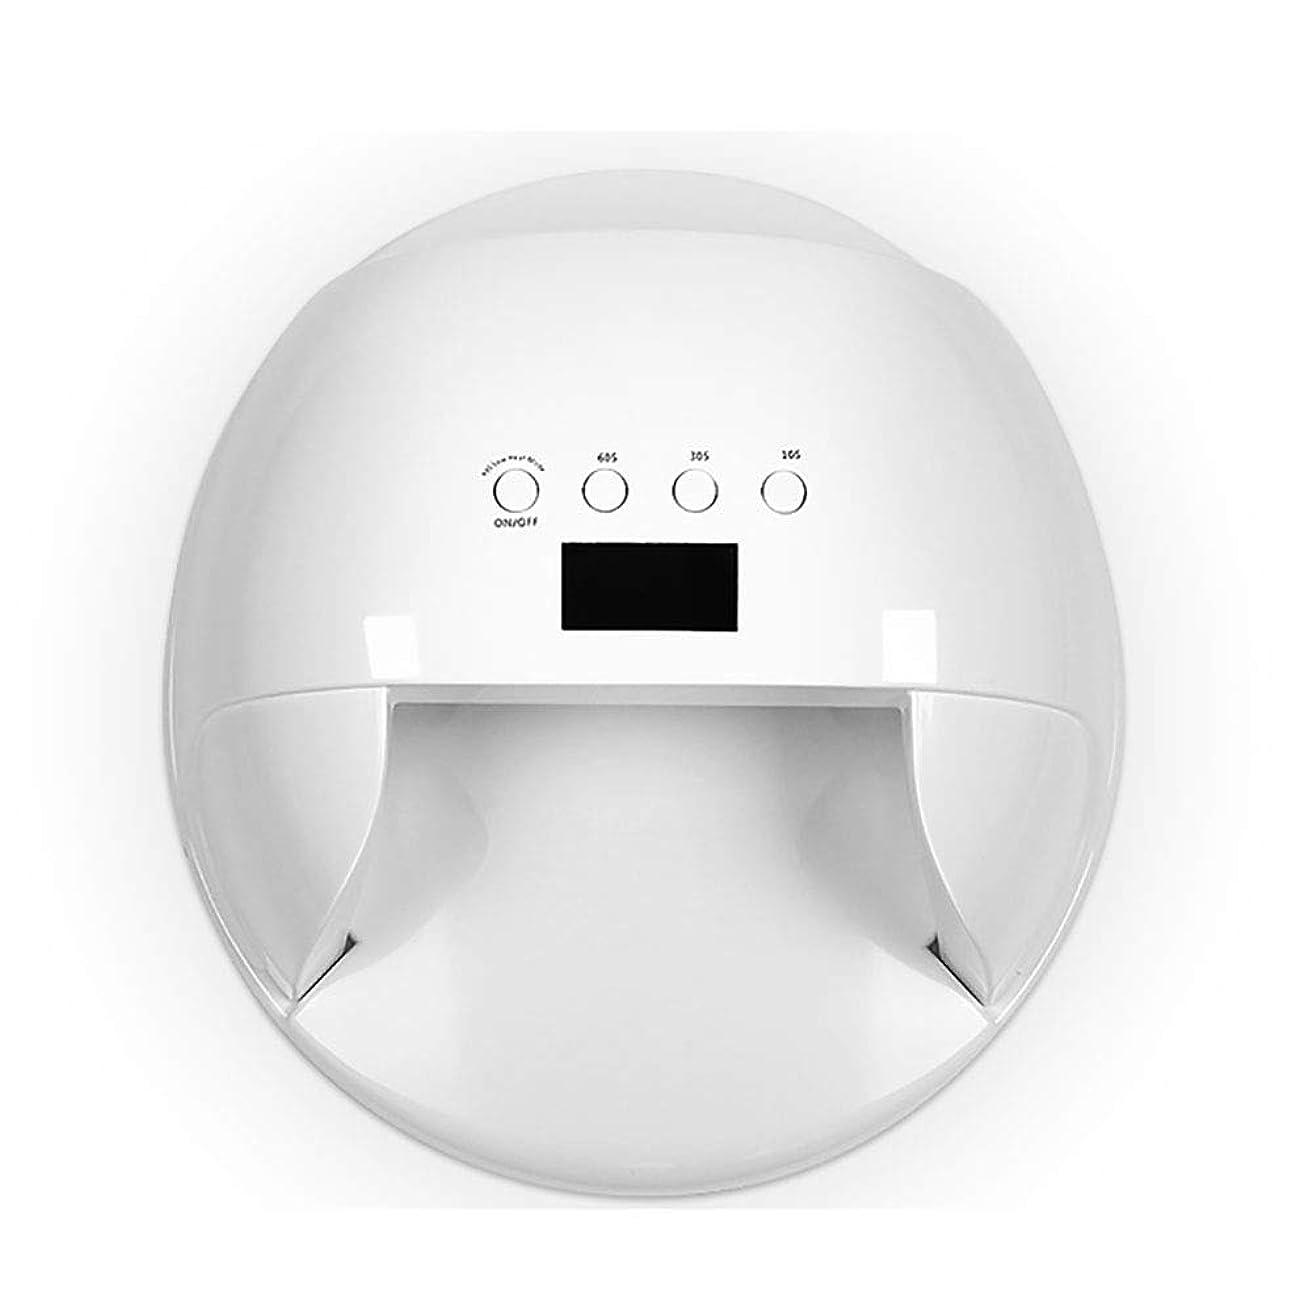 悩みフットボール思慮のない釘のドライヤー - 自動赤外線センサー、二重光源のLEDランプのゲルのドライヤーのマニキュアが付いている紫外線携帯用LEDの釘ランプ